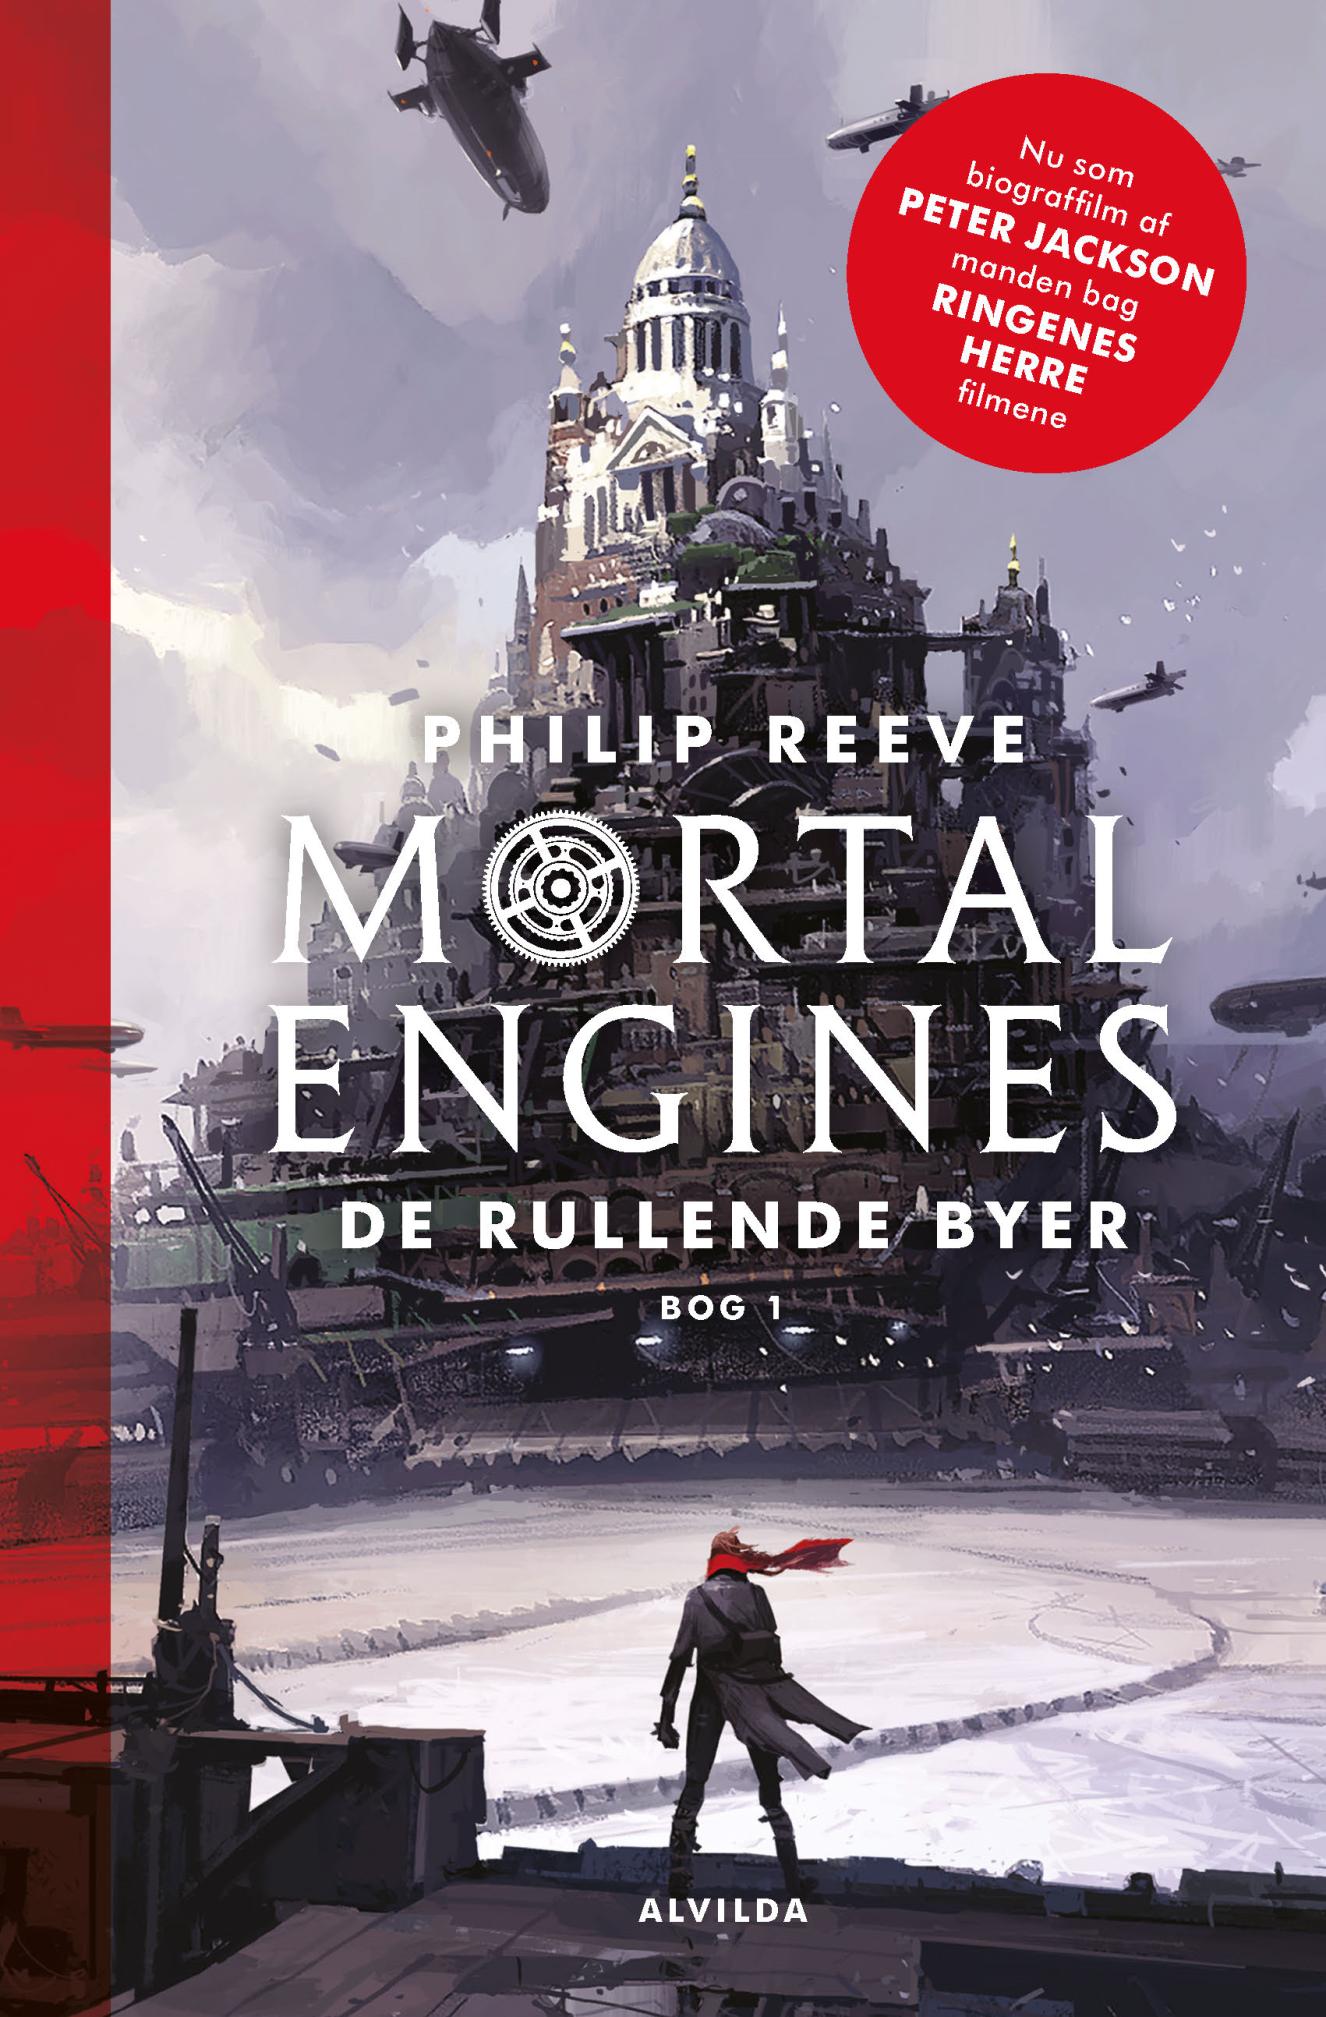 Mortal Engines #1: De rullende byer - Maneno - 14012